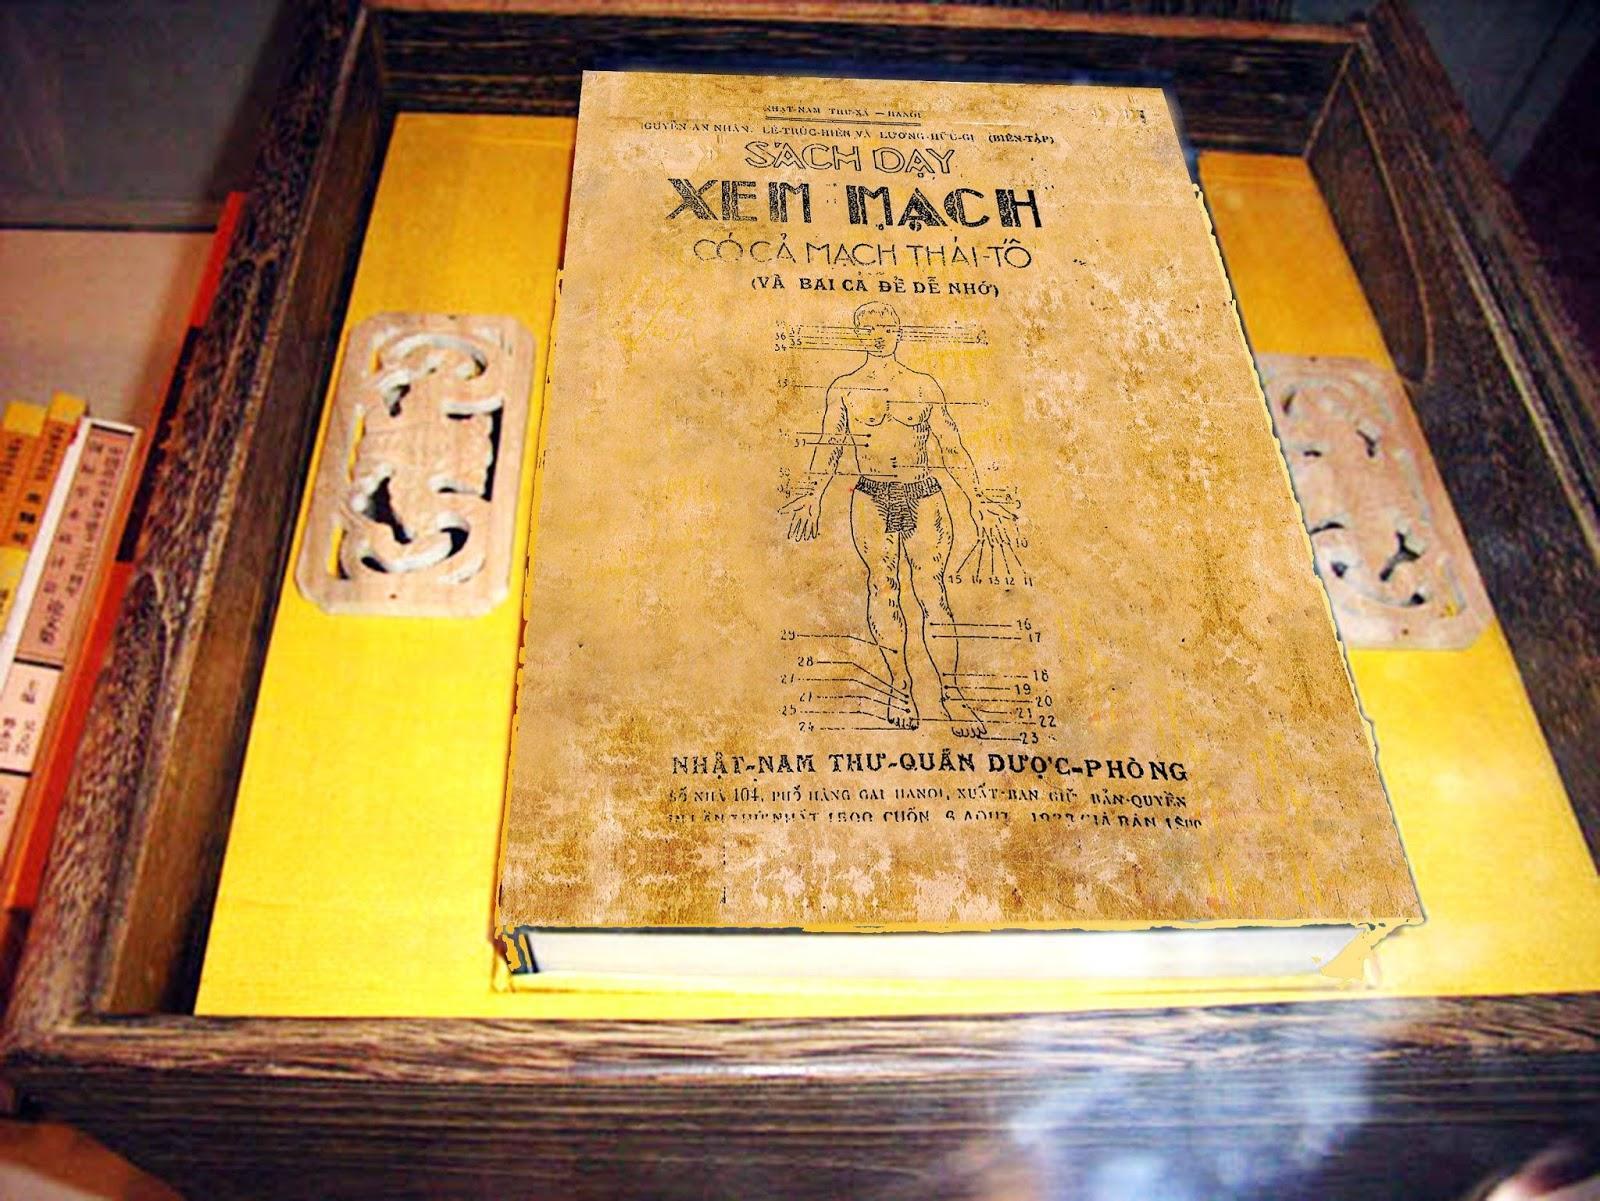 Mua Sách Dạy Xem Mạch Có Cả Mạch Thái Tố - Nguyễn An Nhân